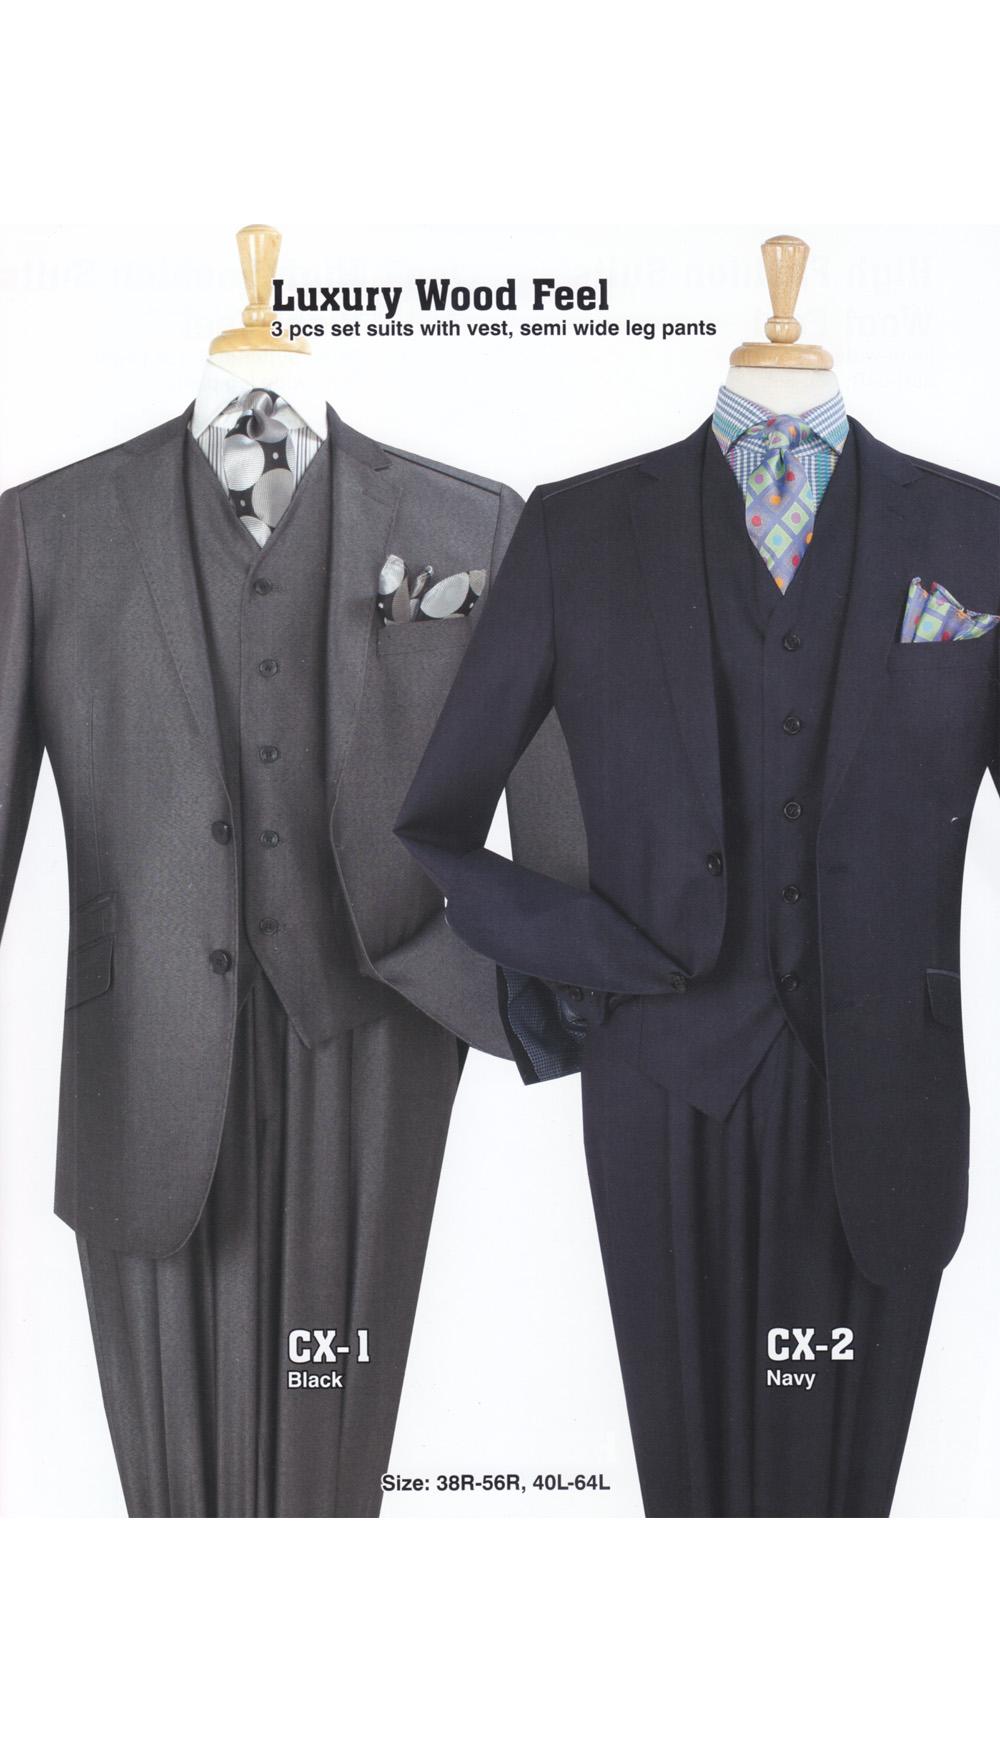 High Fashion Men Suits CX-2